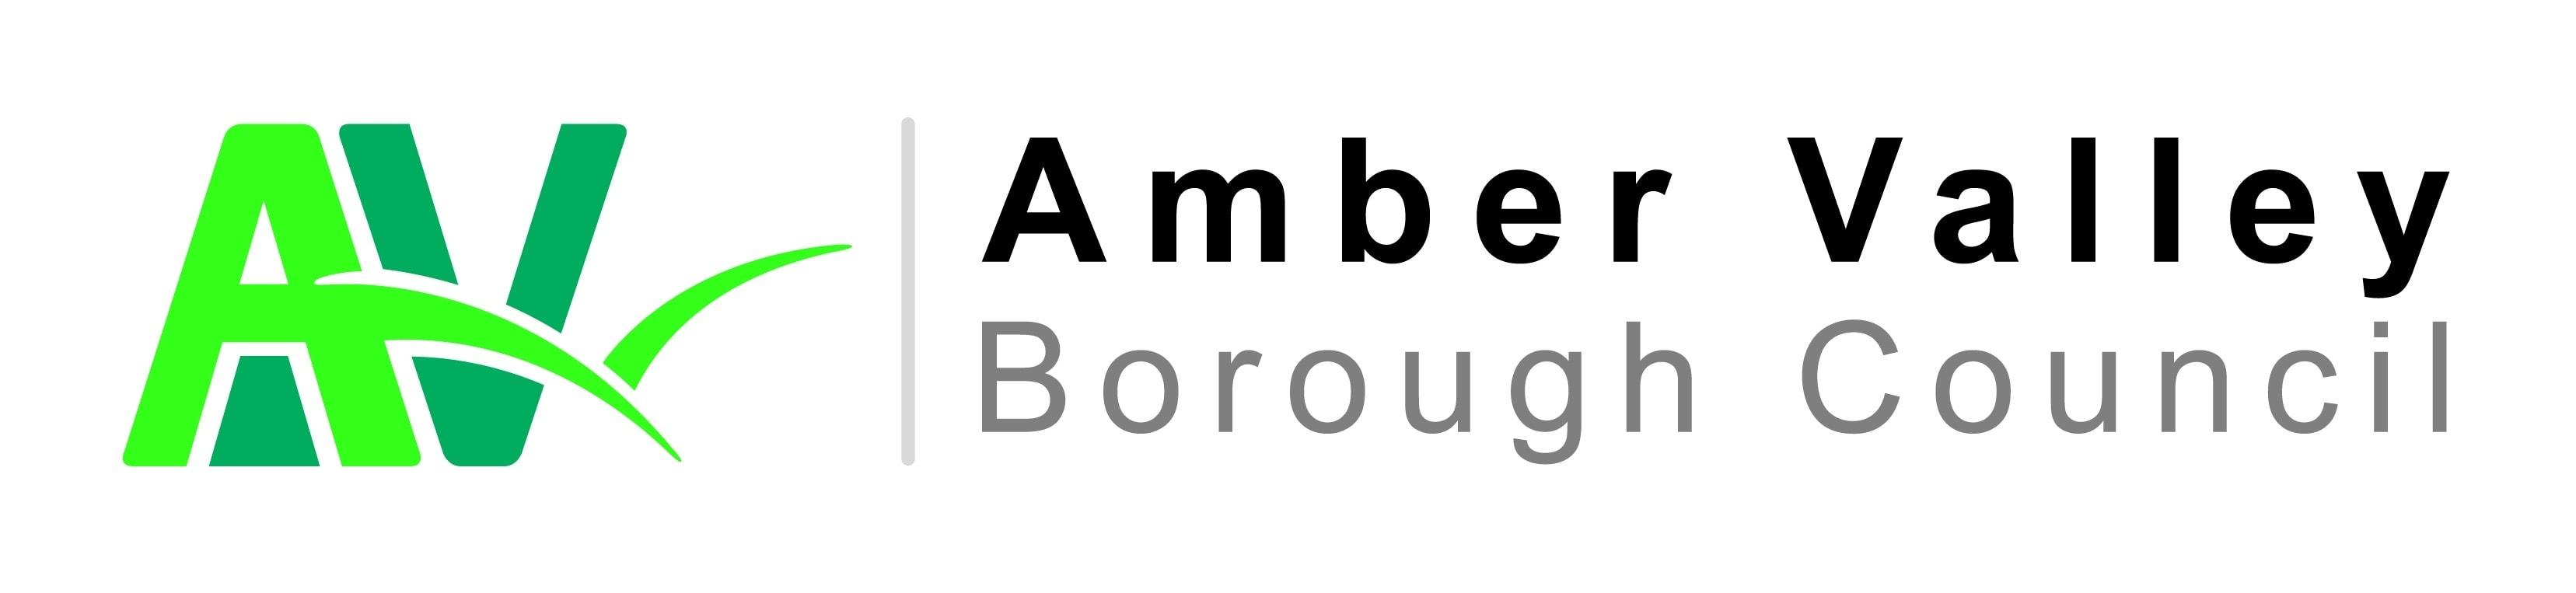 Amber Valley Borough Council